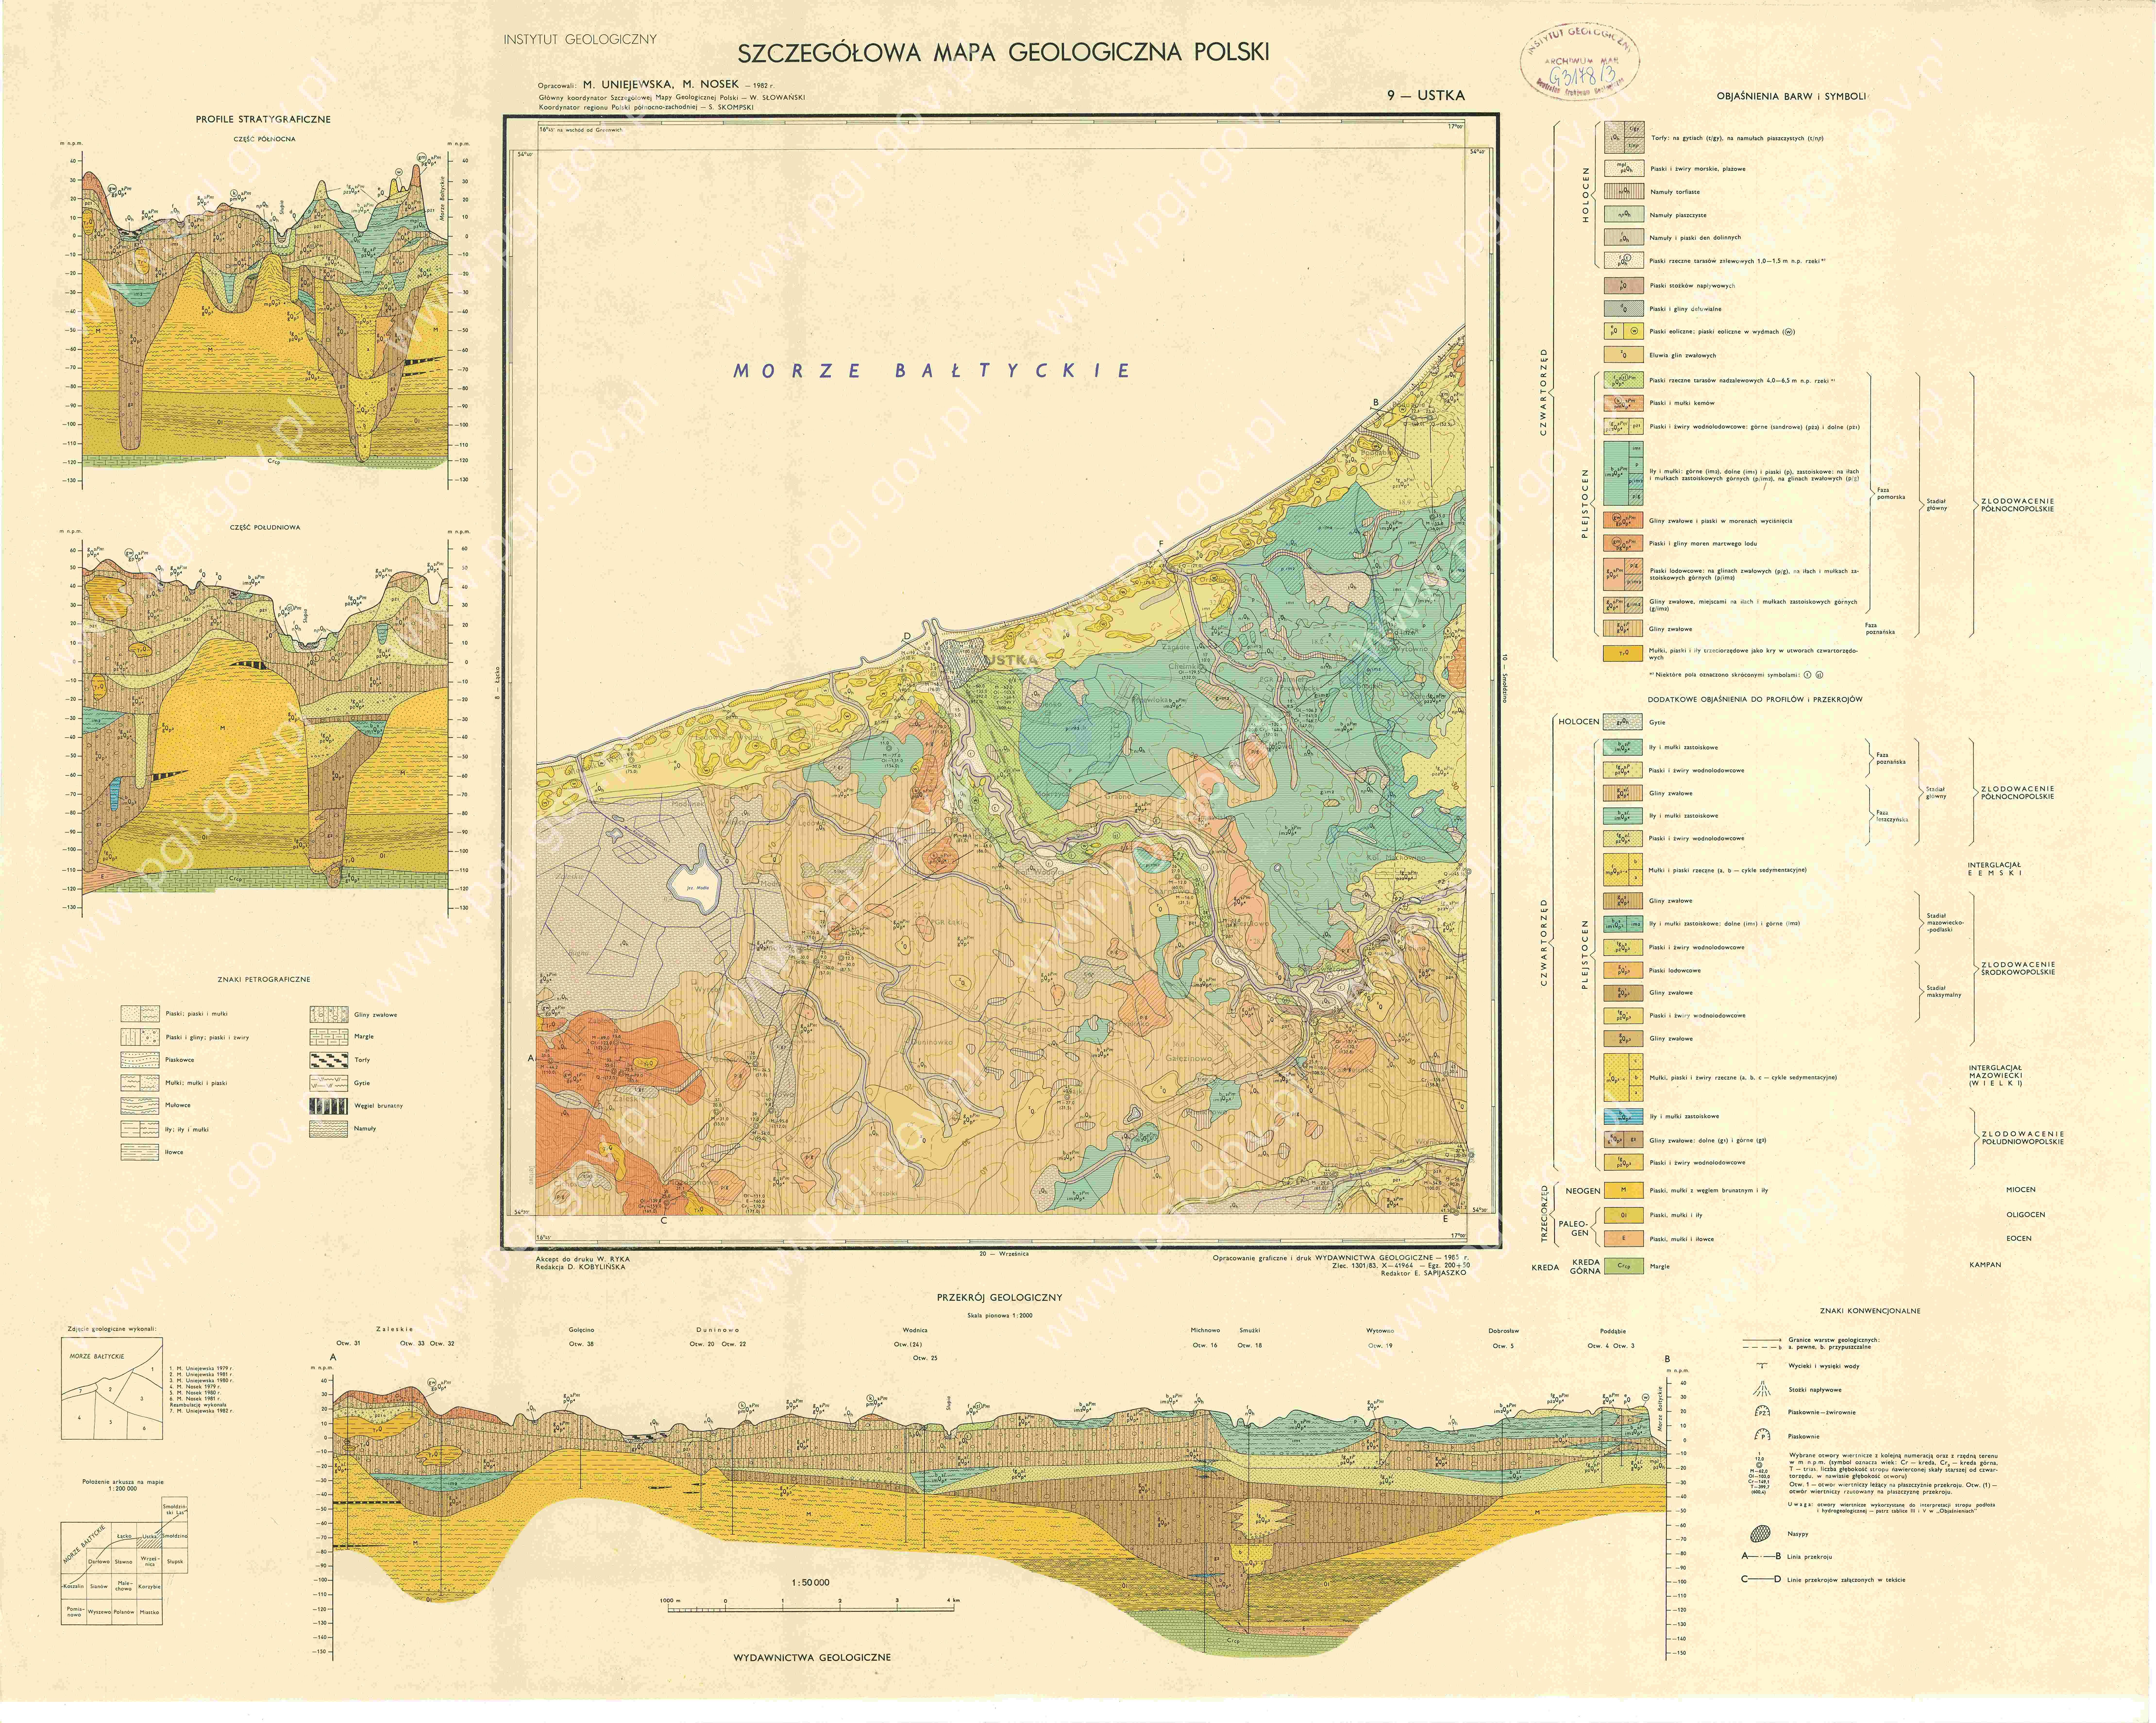 Szczegolowa Mapa Geologiczna Polski 1 50 000 Smgp Arkusz Ustka